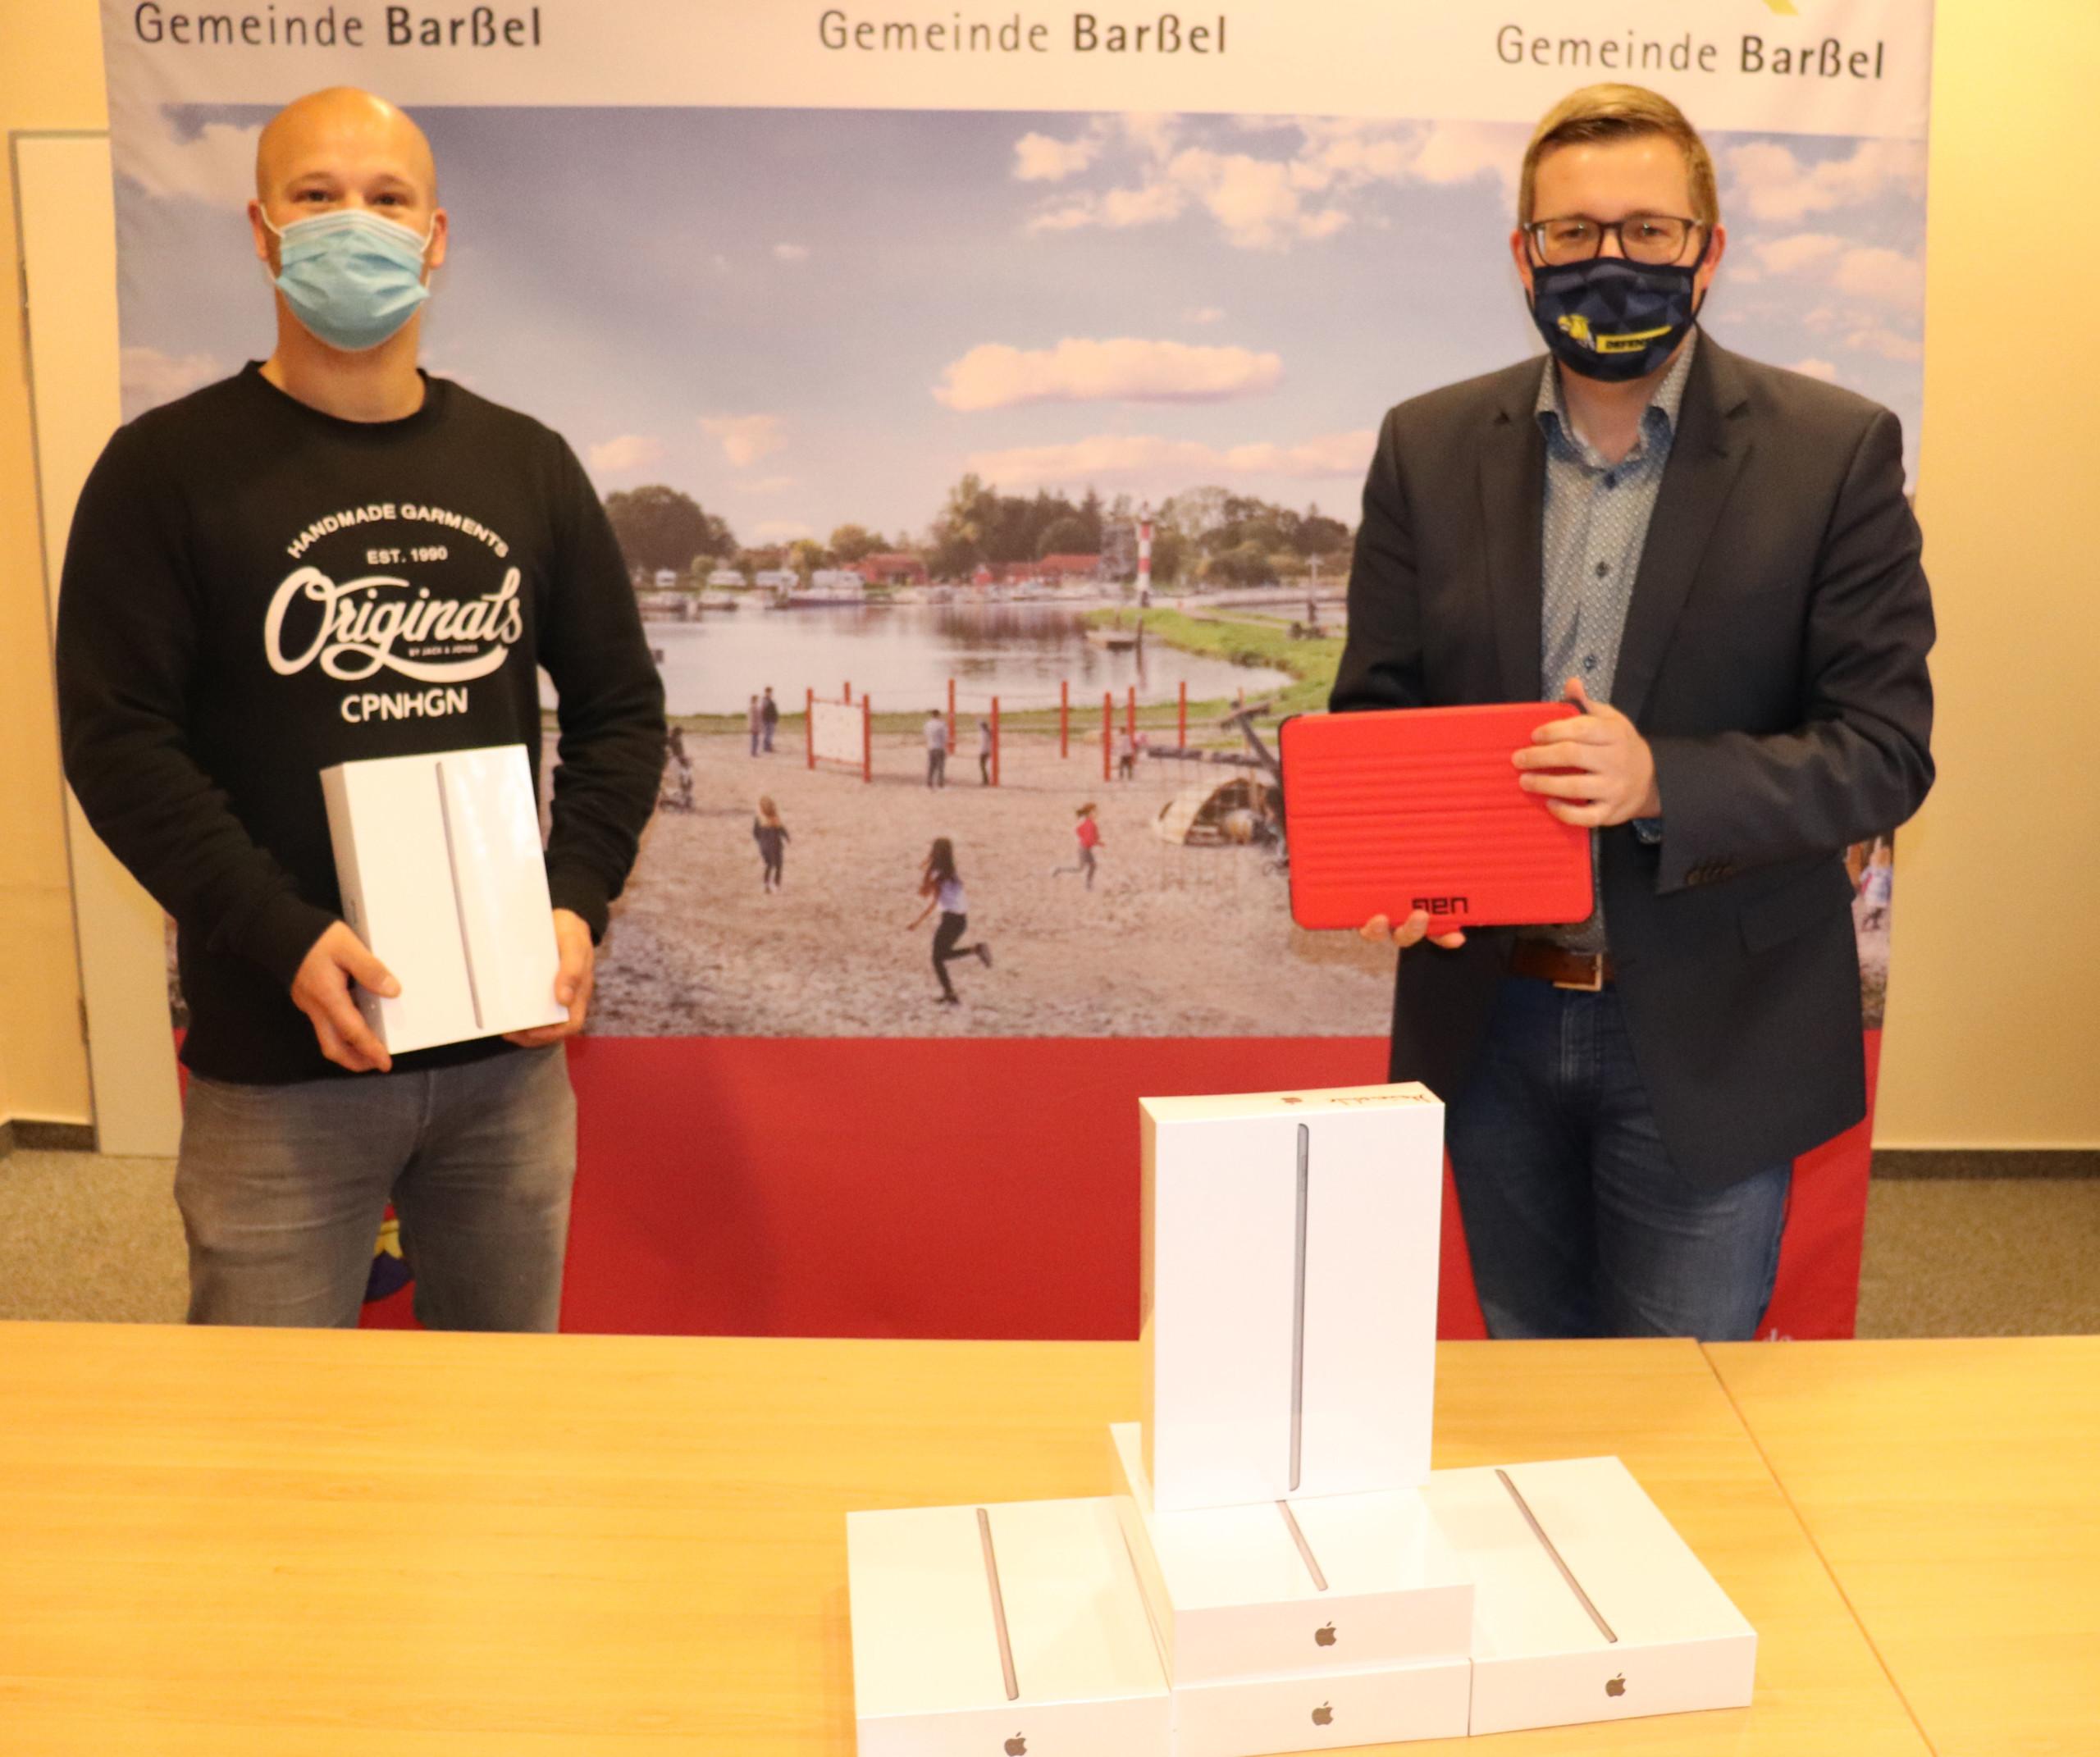 André Siebum (links) und Bürgermeister Nils Anhuth freuen sich über die Ankunft der Tablets aus dem Sofortausstattungsprogramm, die auch schon an die Schulen verteilt wurden. Aufnahme: Wlodarczyk/Gemeinde Barßel